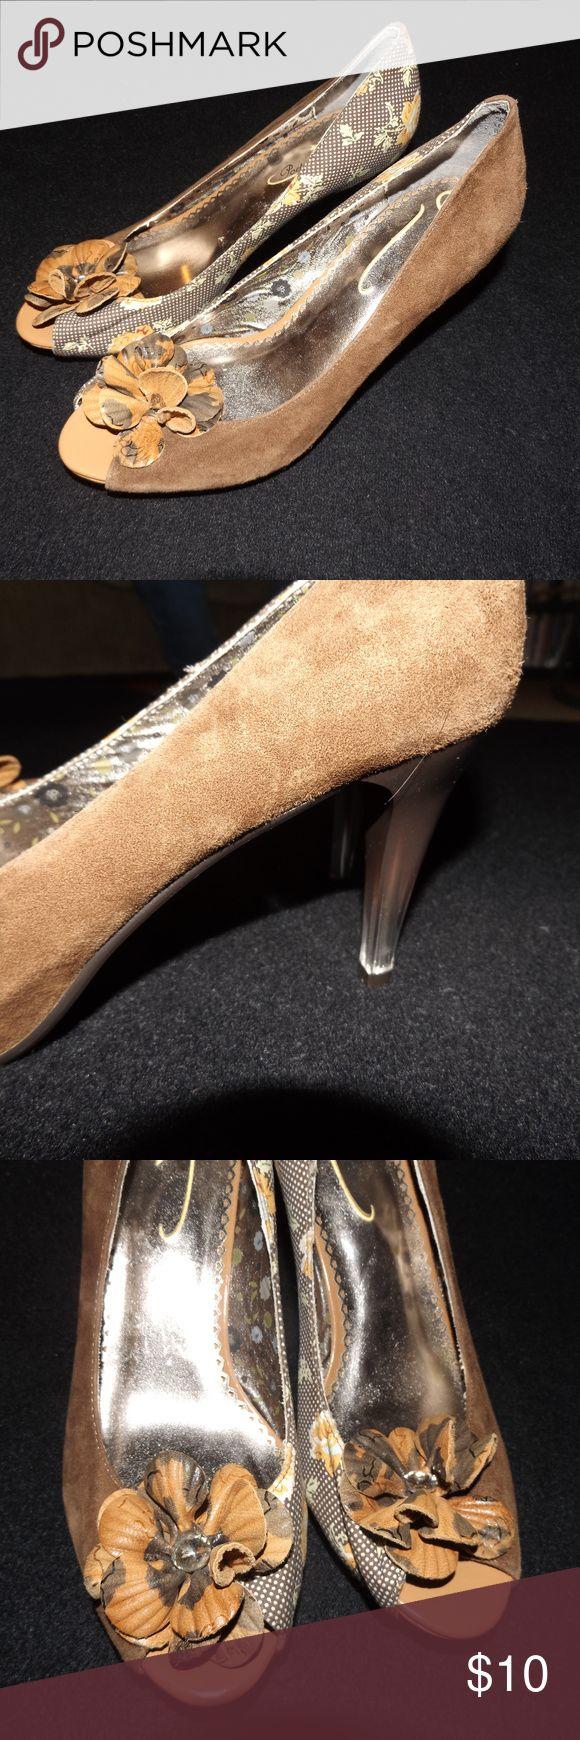 Women's Size 7 Peep Toe Brown Pumps Women's Size 7 Peep Toe Brown Pumps Poetic License Shoes Heels